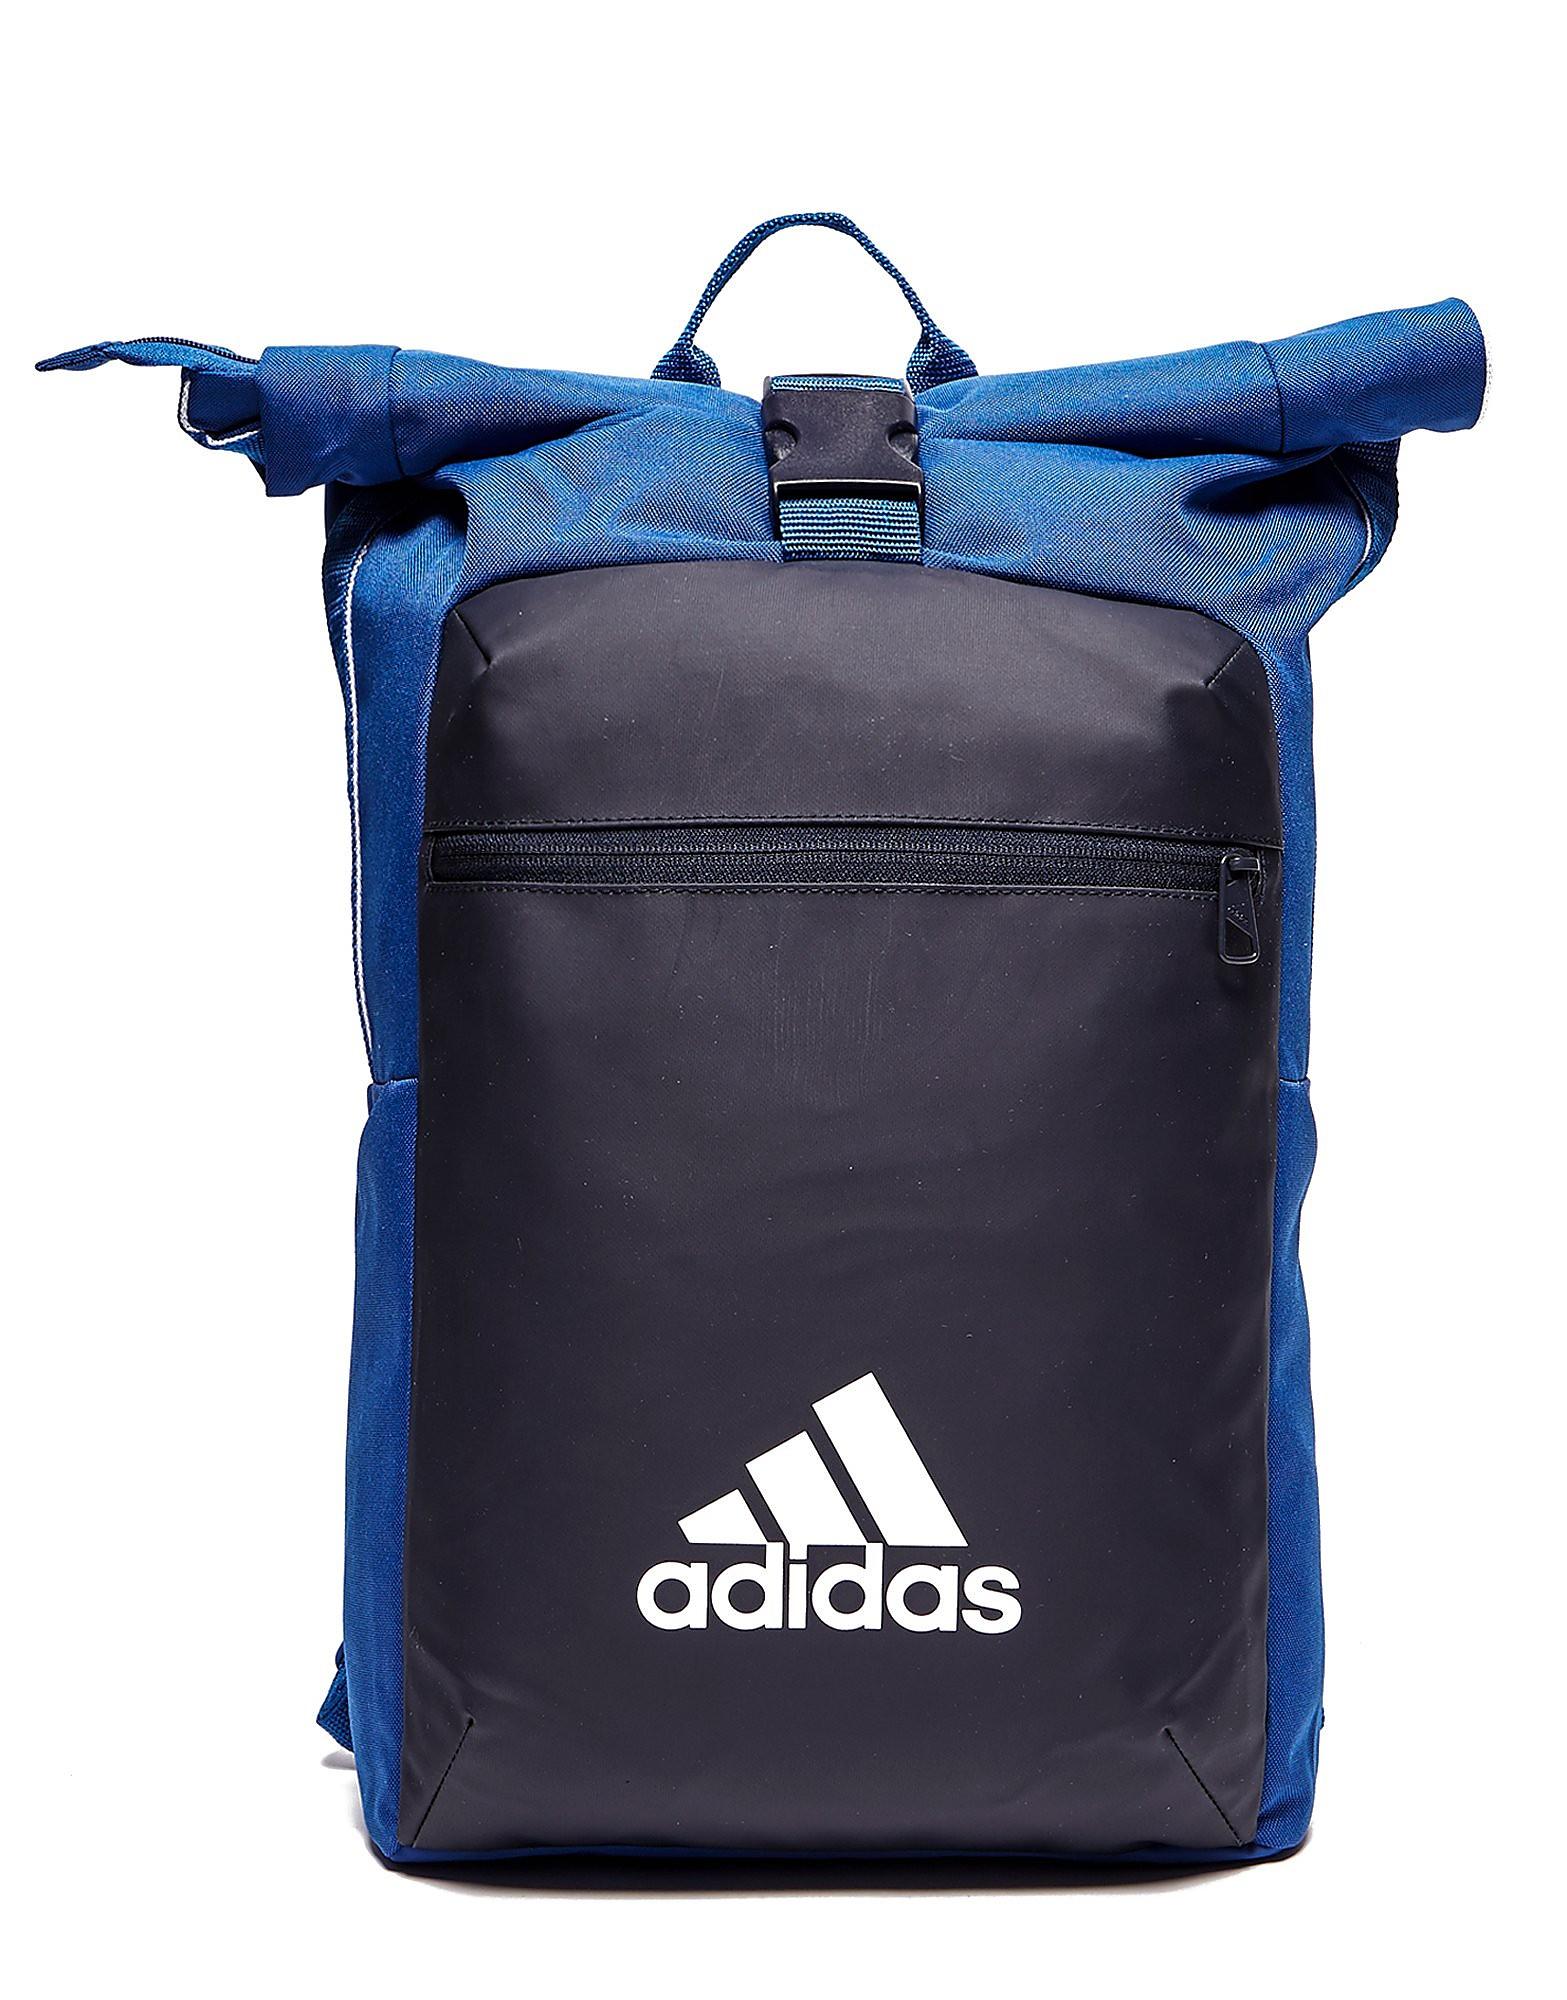 adidas mochila Athletic